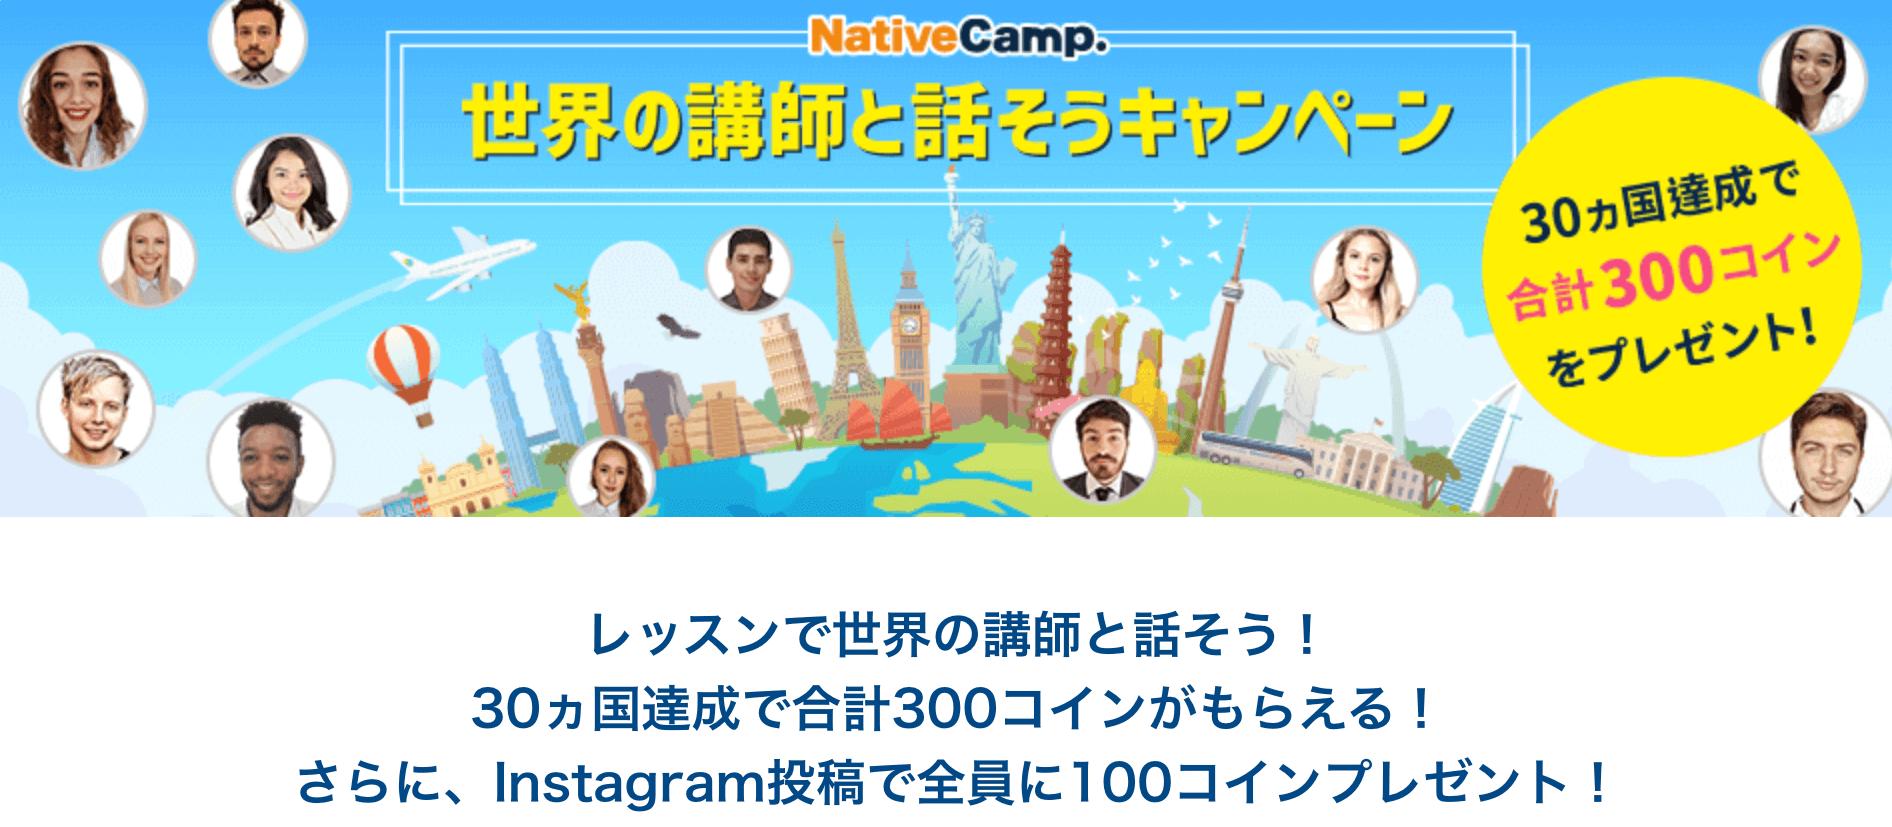 ネイティブキャンプキャンペーン